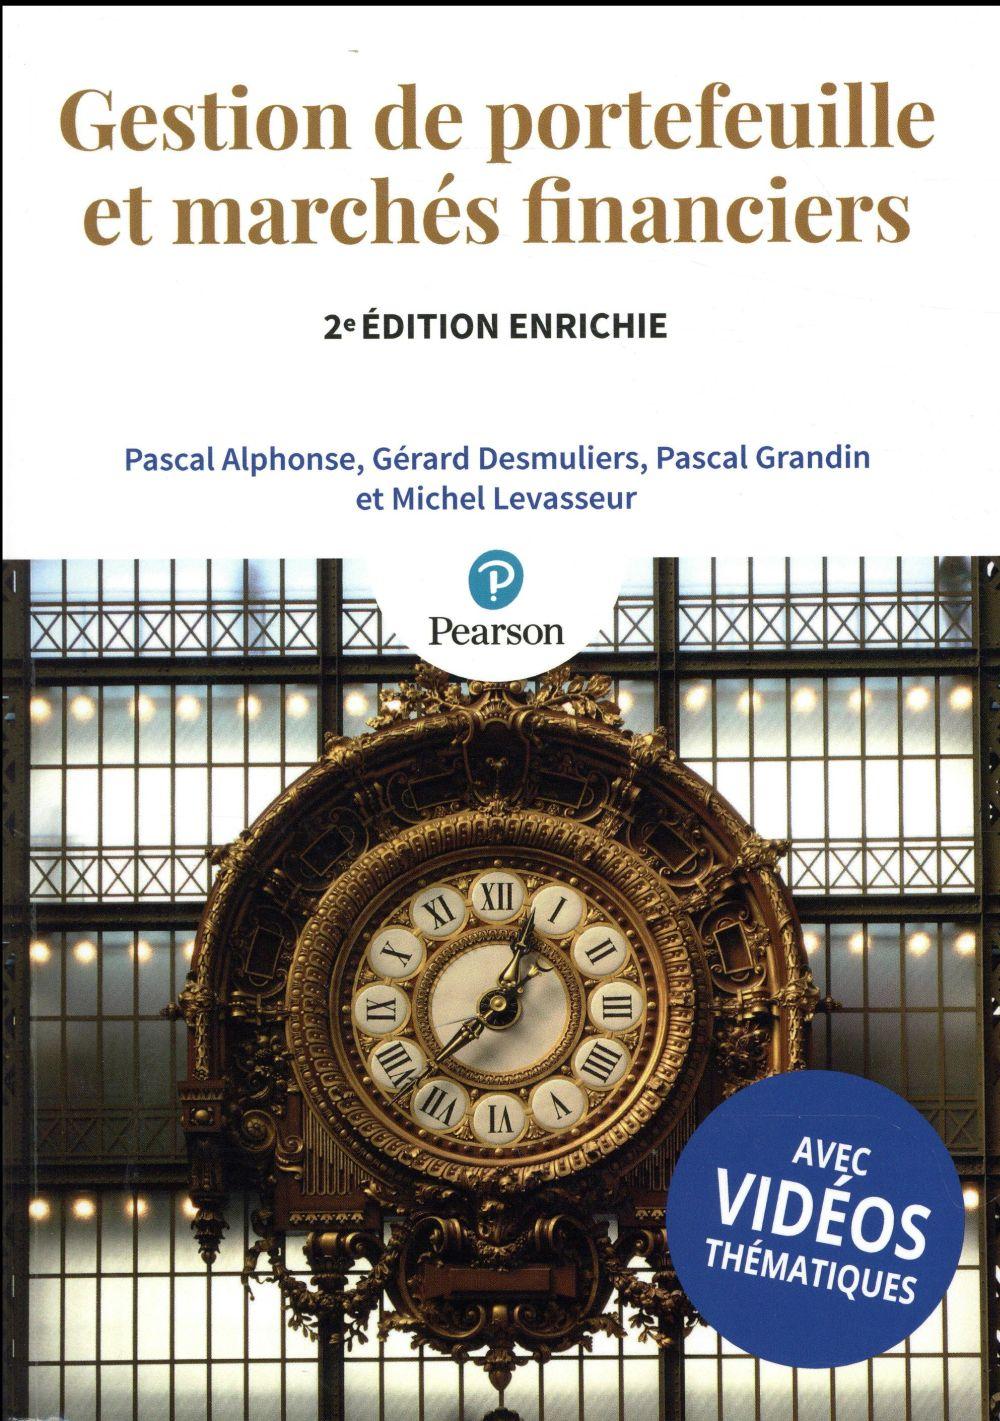 Gestion de portefeuille et marchés financiers (2e édition)